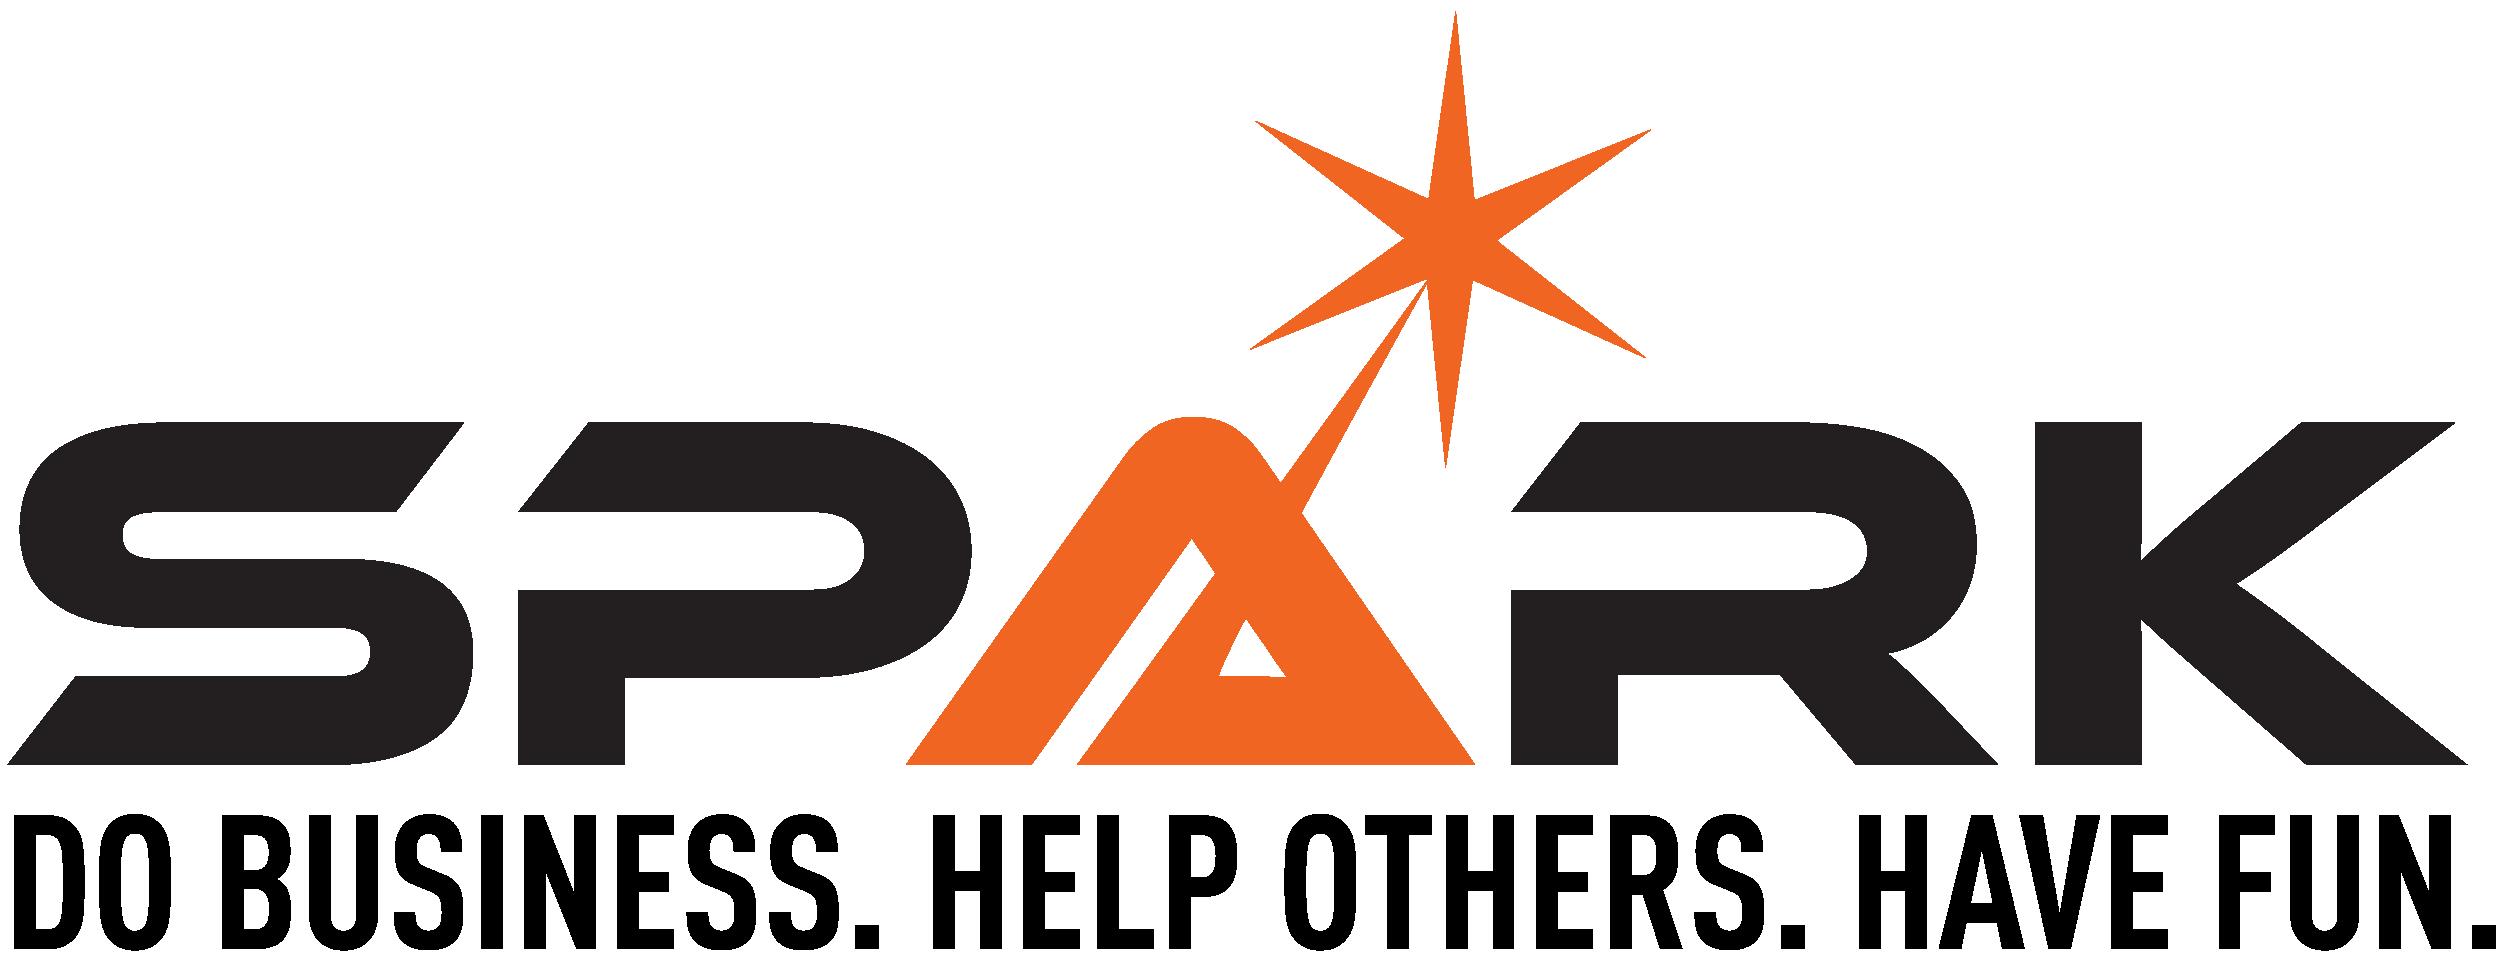 SPARK-LOGO_2017-72dpi_LARGE(1).png